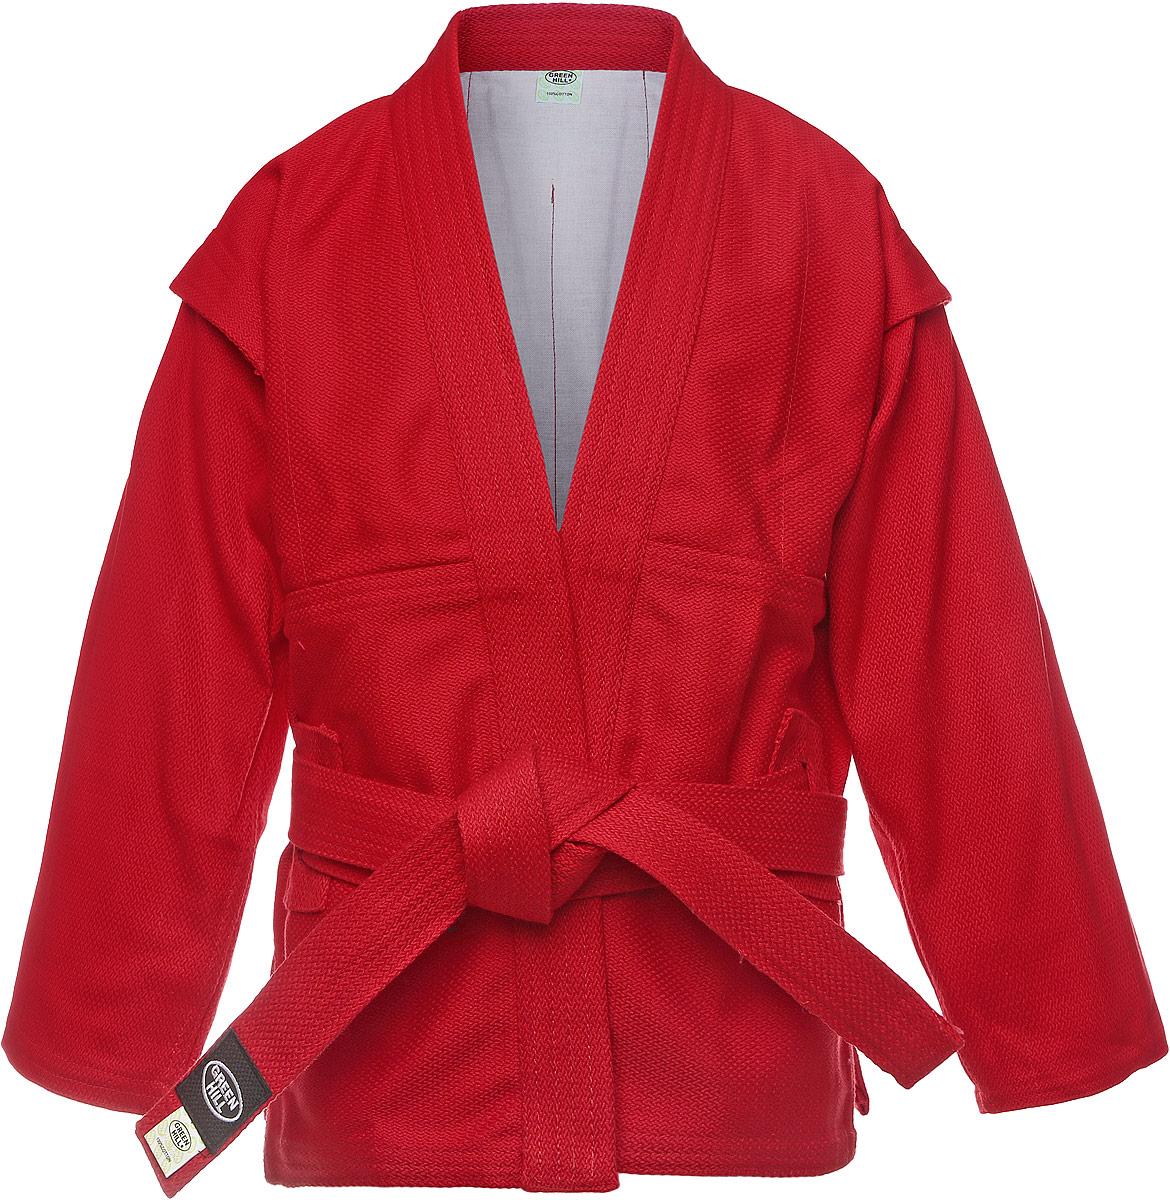 Куртка для самбо Green Hill, цвет: красный. SC-2002. Размер 6/190SC-2002Куртка для занятий самбо Green Hill выполнена из 100% хлопка. Просторная куртка с глубоким запахом и боковыми разрезами. Модель дополнена плотным поясом с многорядной прострочкой. Боковые швы и края укреплены дополнительными строчками.